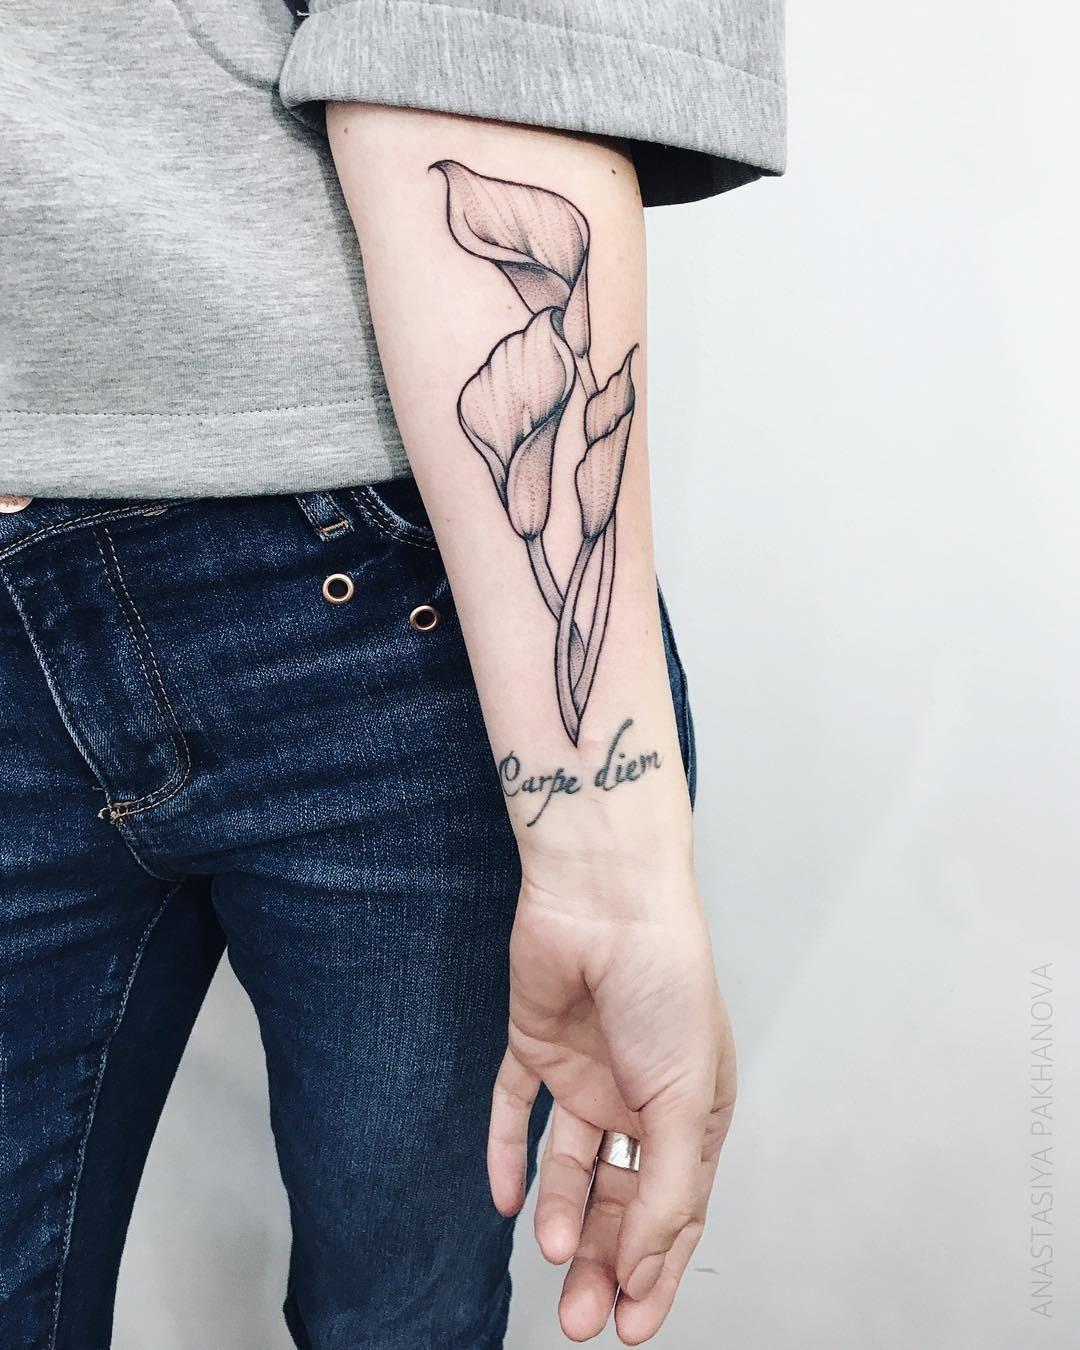 На этой части руки шрамы могут взять откуда угодно: неудачно приземлилась наконьках, обожглась утюгом или вдетстве опрокинула насебя кастрюлю сгорячей кашей. Татуировка налюбую темат...